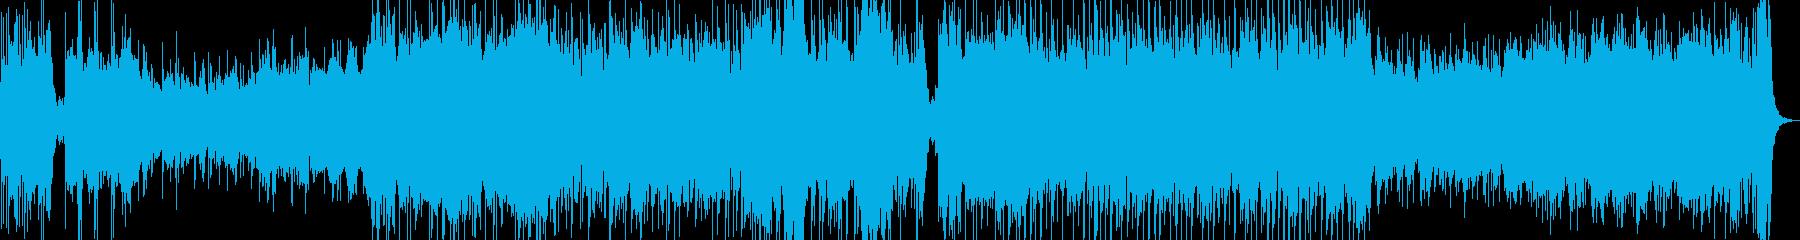 和風演歌侍オーケストラオープニングBGMの再生済みの波形